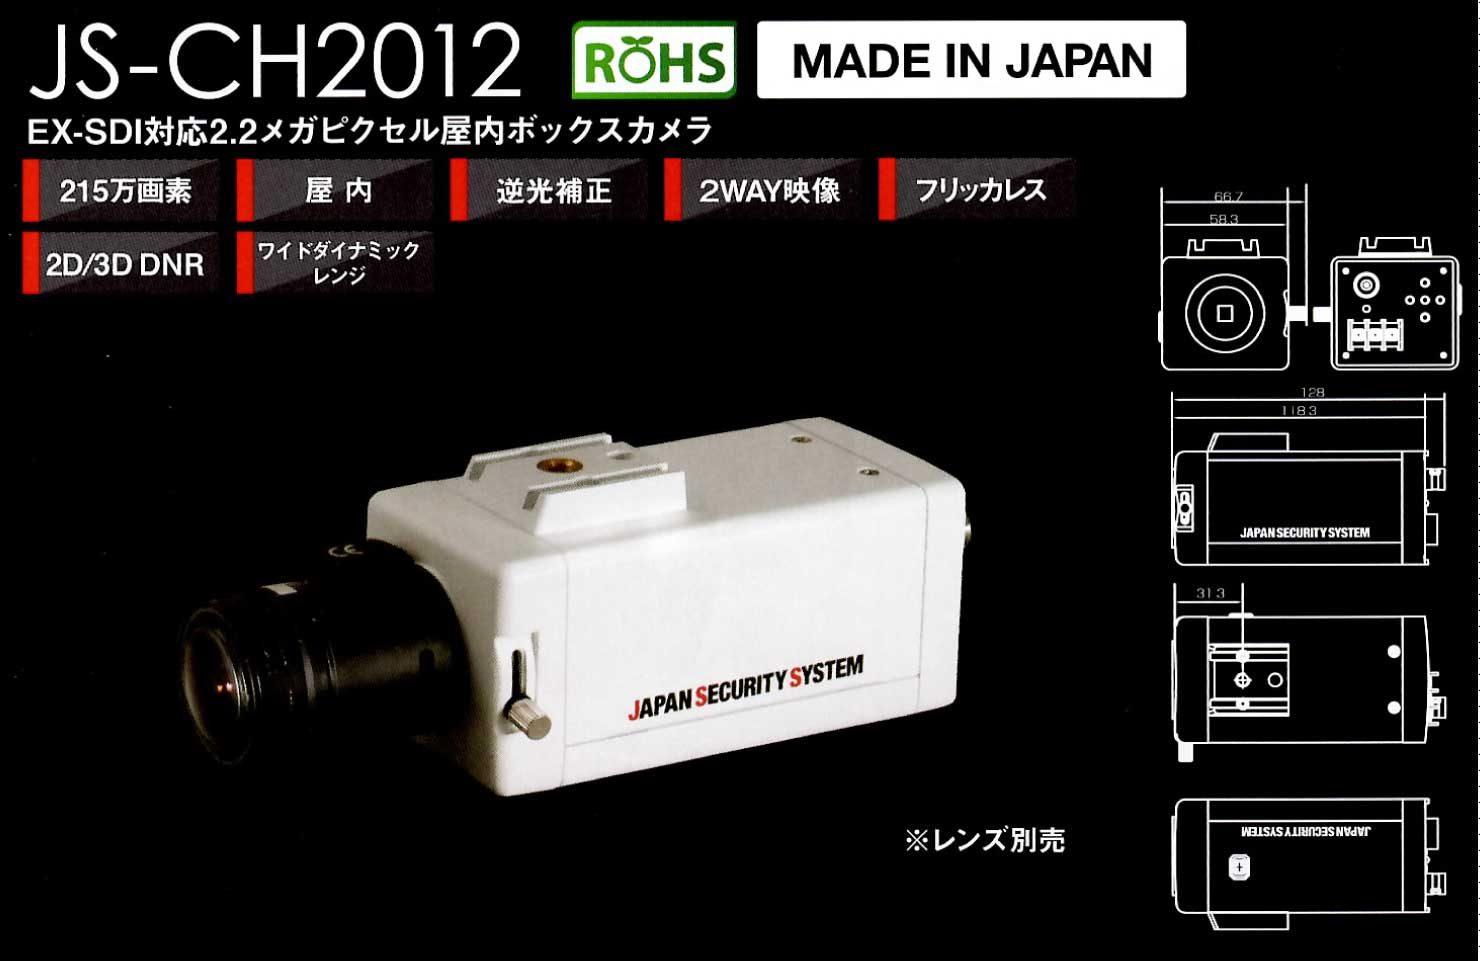 JS-CH2012